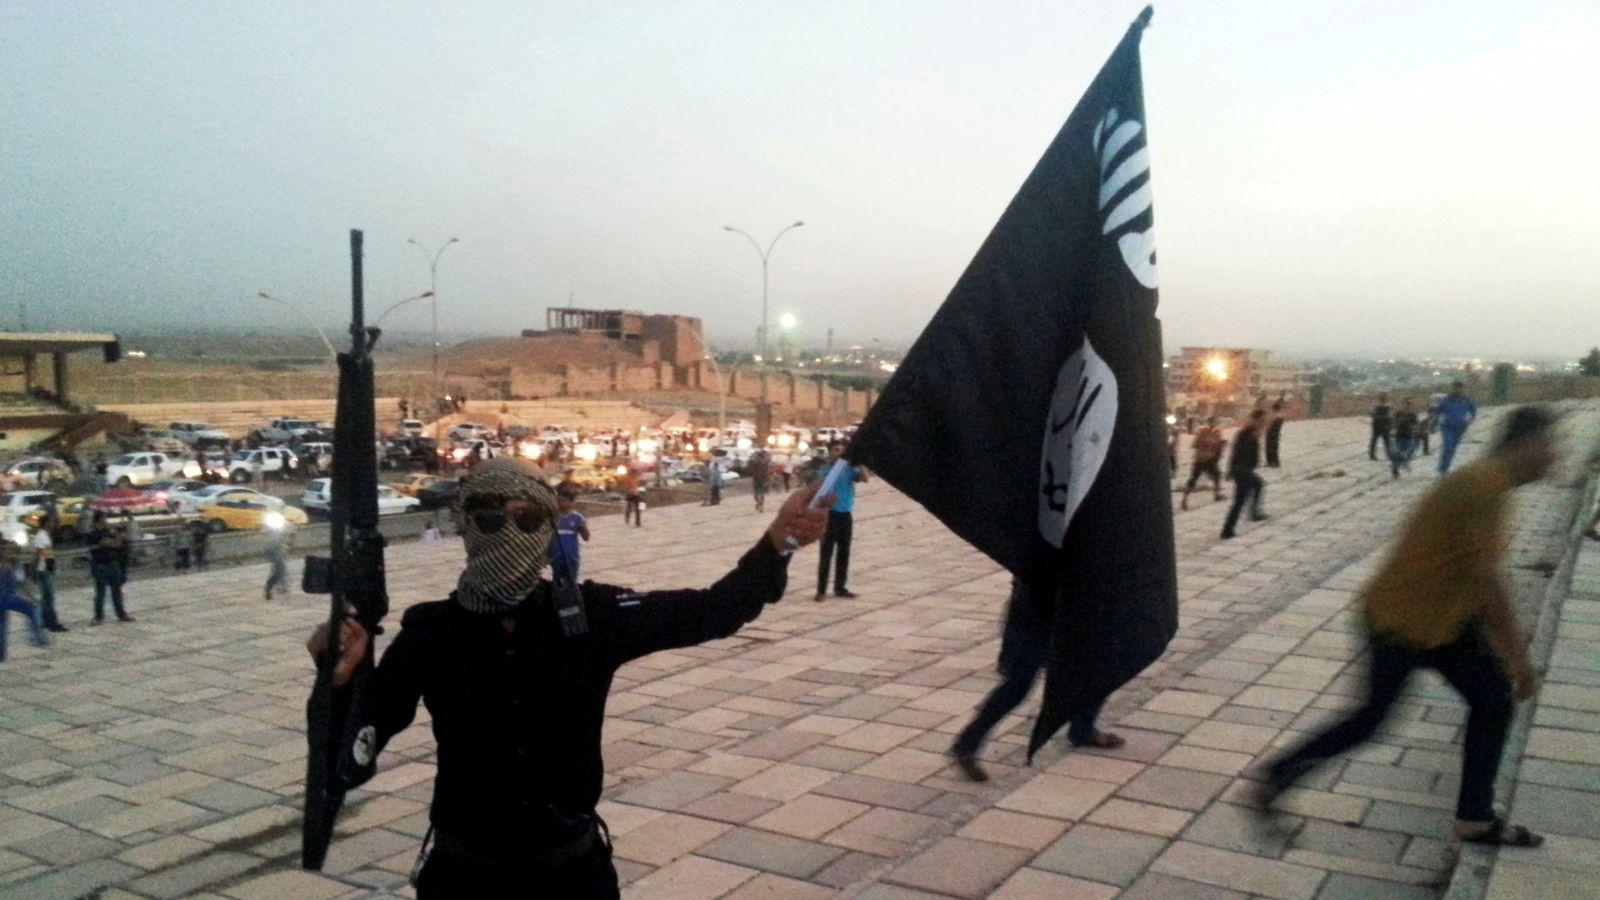 联合国报告称,*国在伊拉克至少留下了200个万人坑